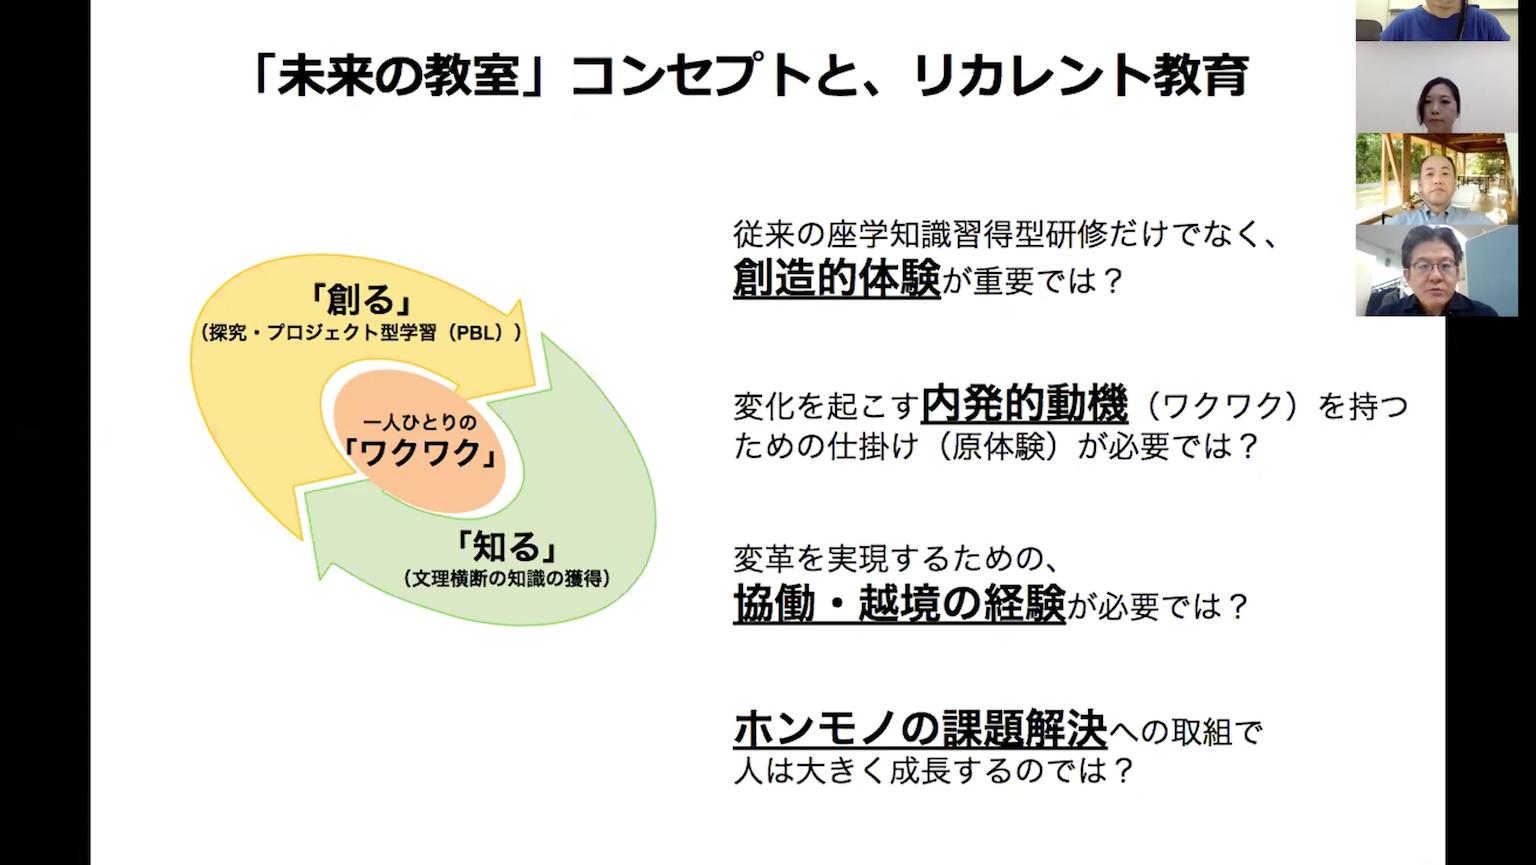 は リカレント 教育 と リカレント教育とは|日本における重要性と、学び直し実施の課題を解説